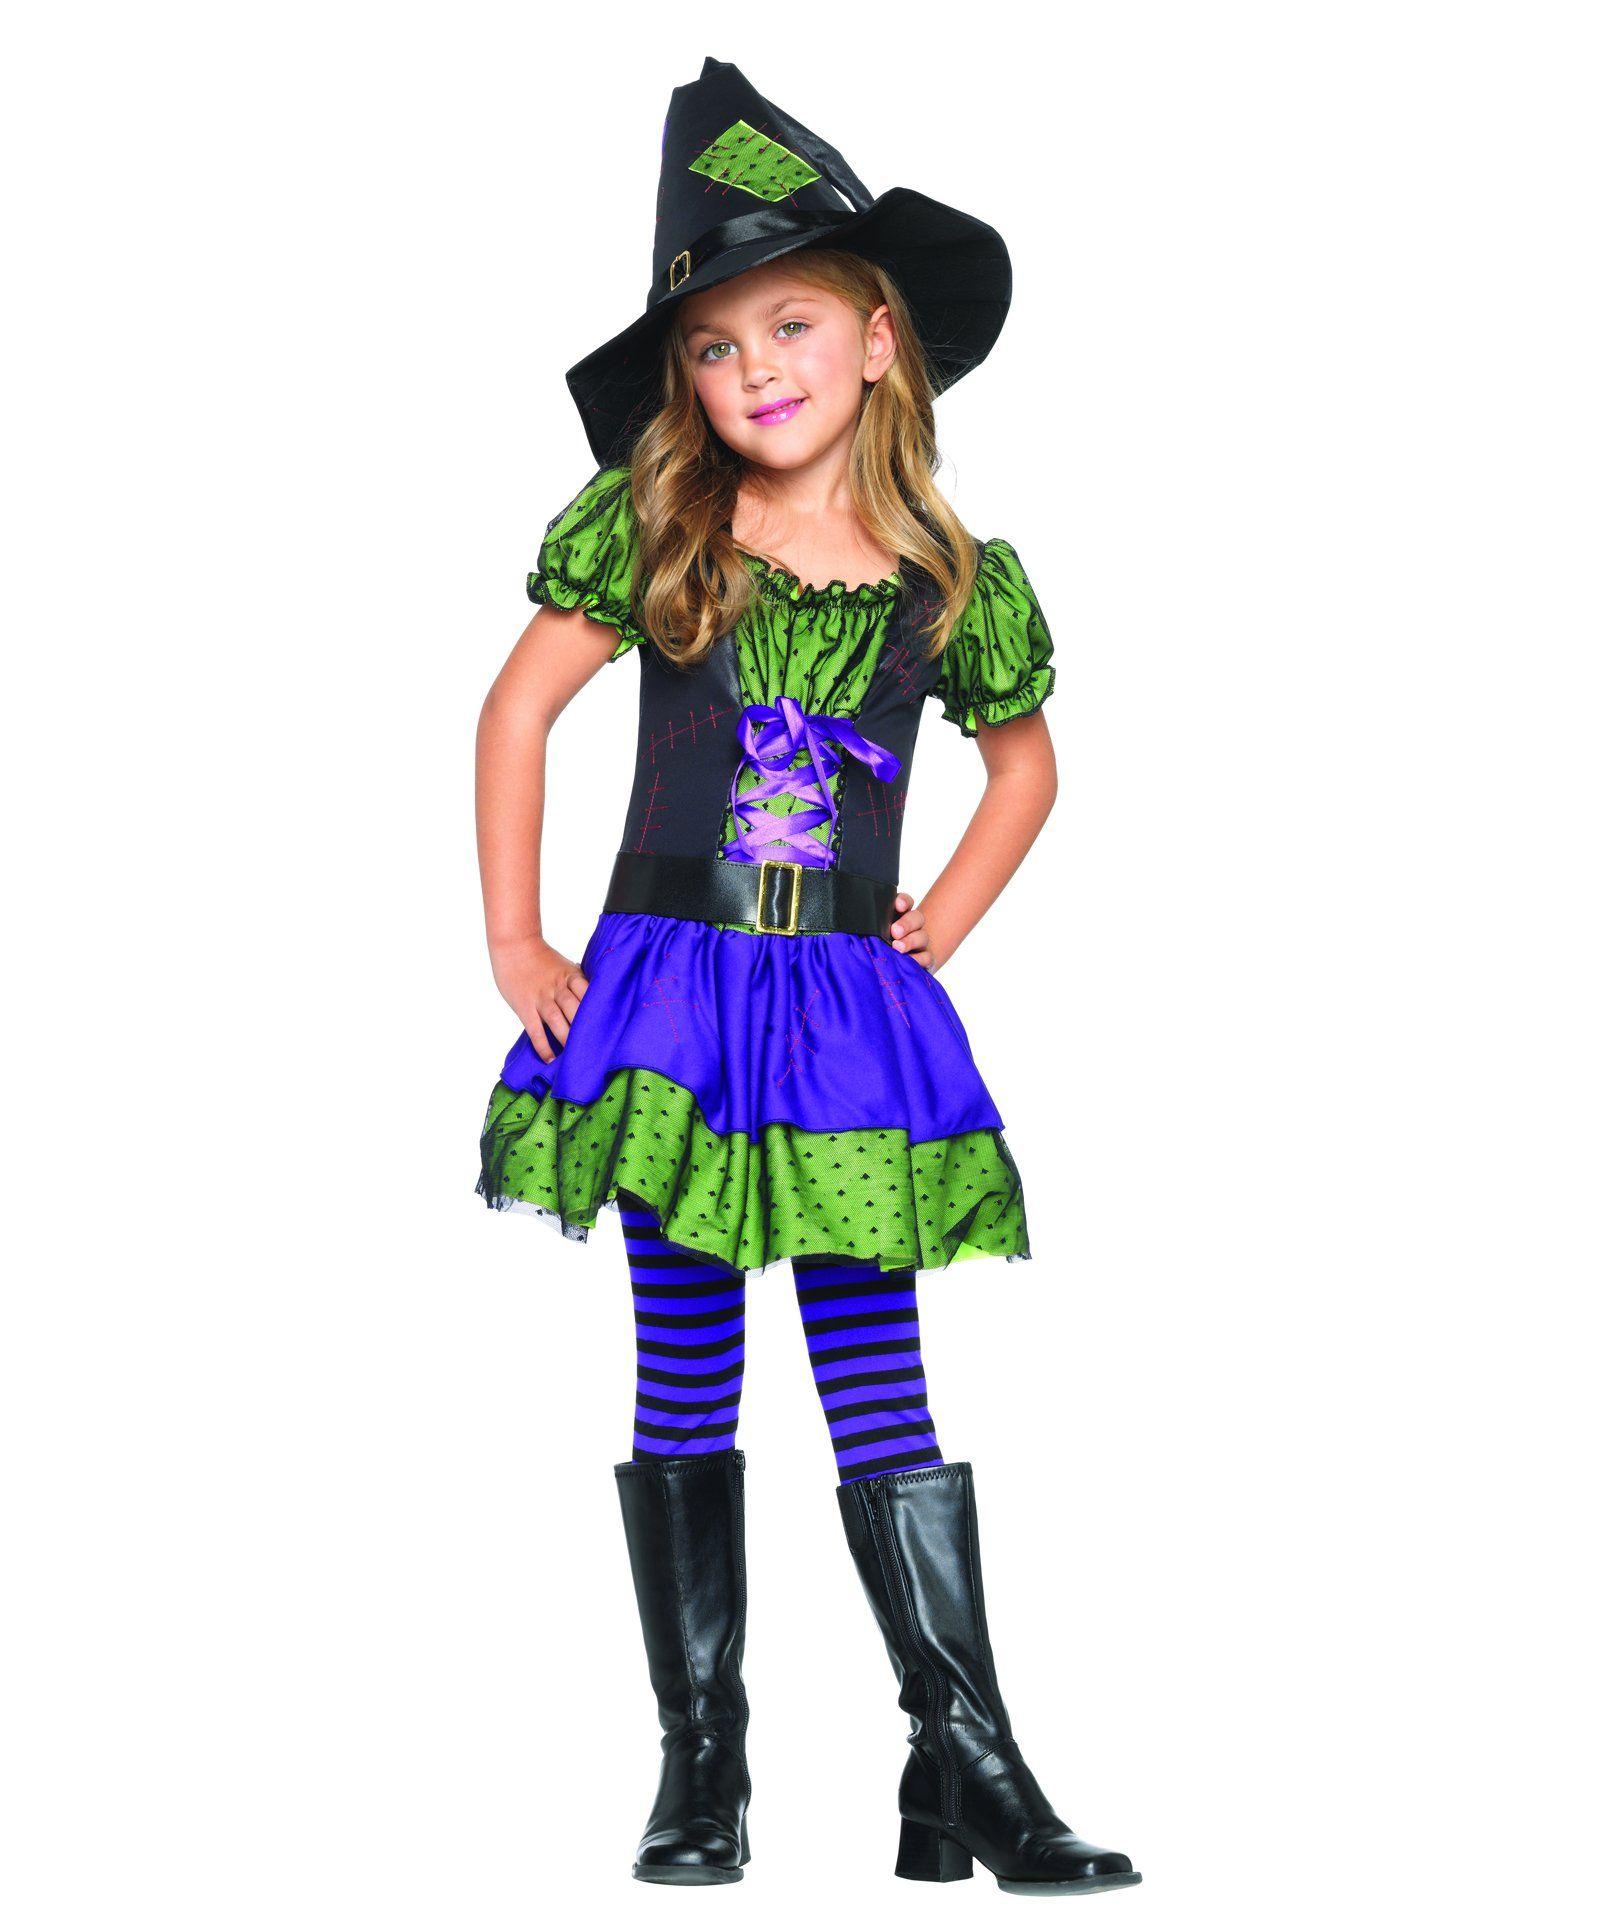 Hocus Pocus Witch Teen Costume   Hocus pocus witches, Hocus pocus ...